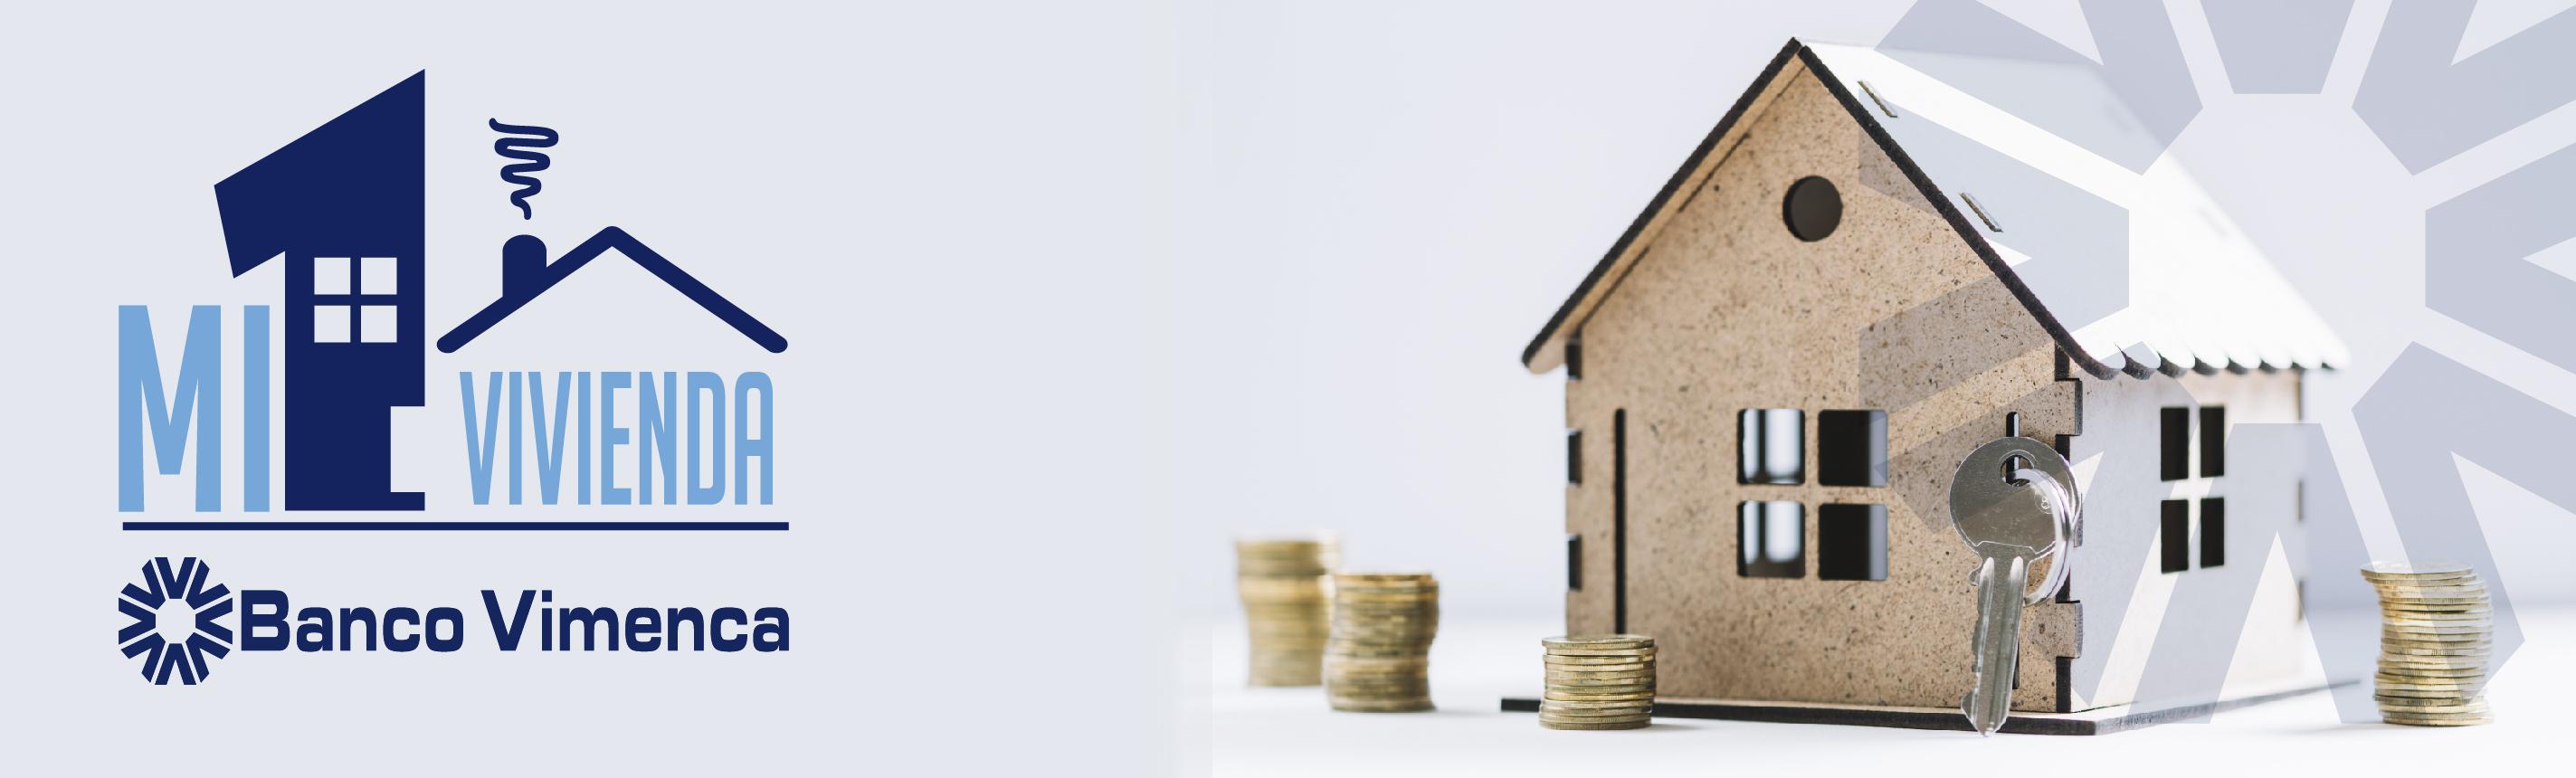 Préstamo Hipotecario Mi primera Vivienda